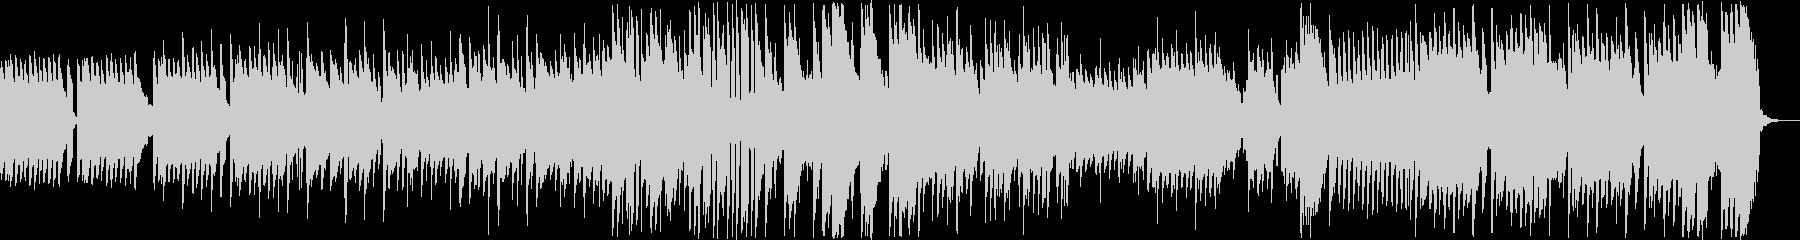 8bitダークでメルヘンチック Ver2の未再生の波形